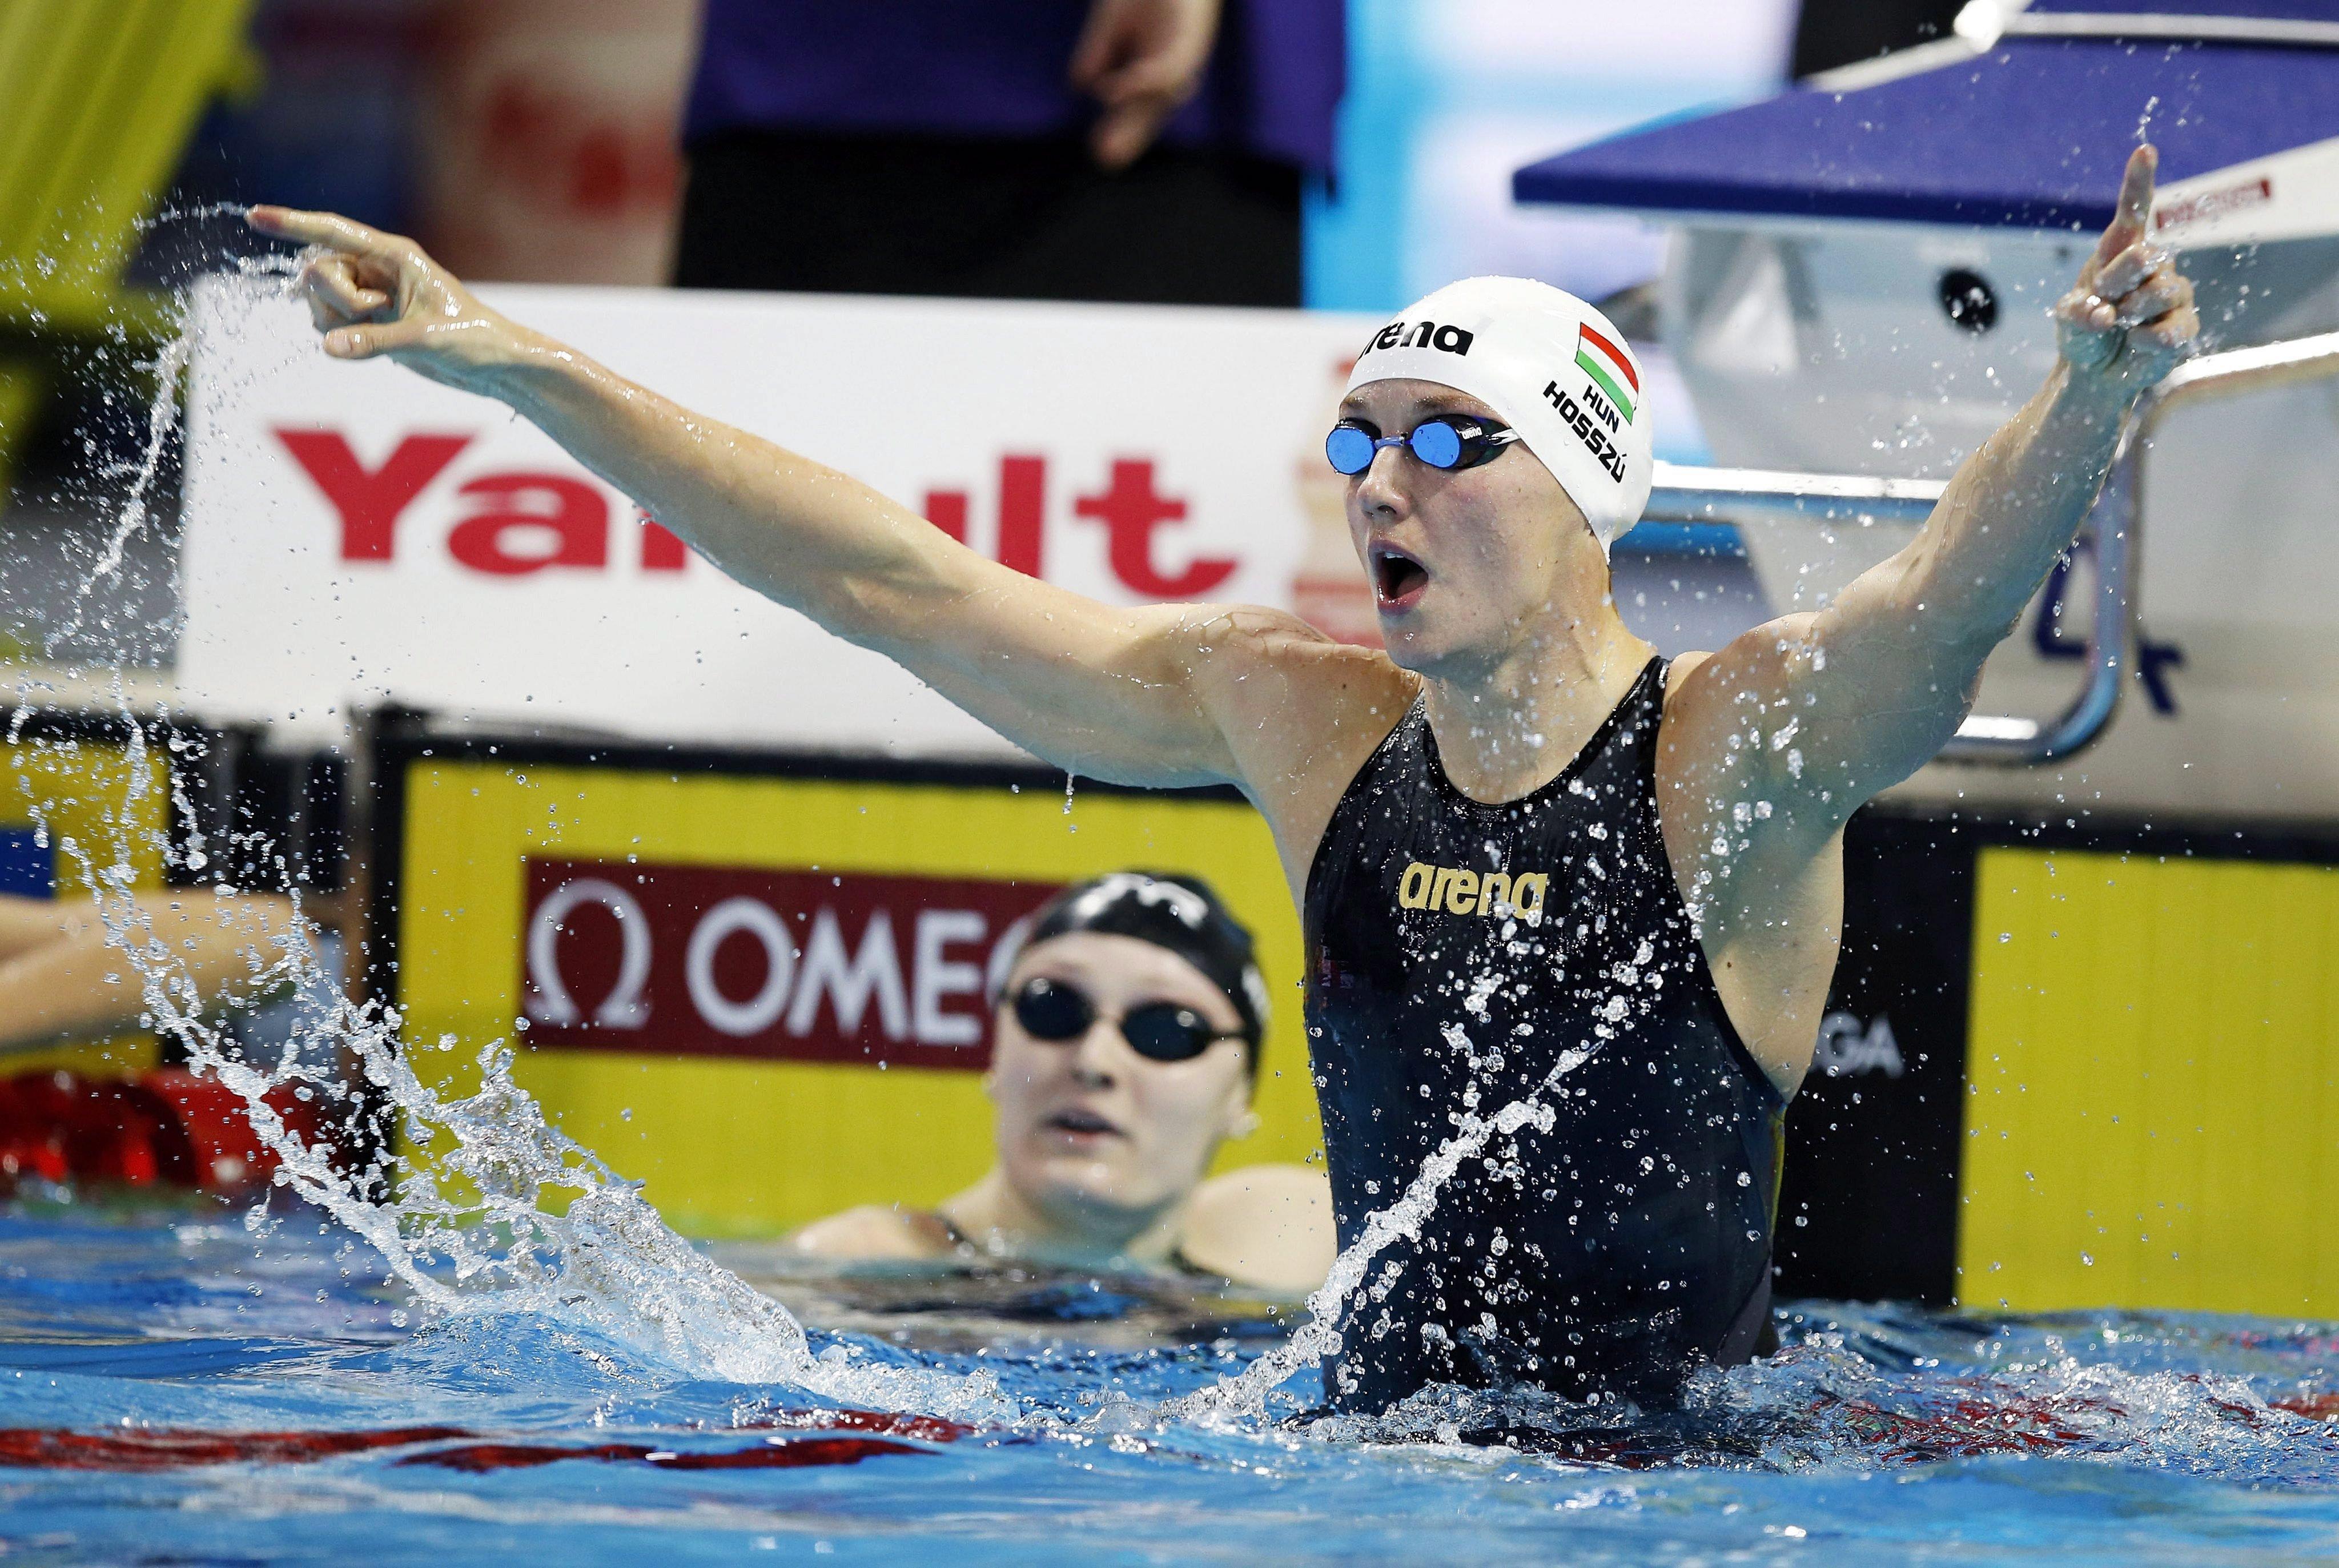 Hosszú Katinka lett a legjobb női sportoló az európai hírügynökségek szerint 2016-ban